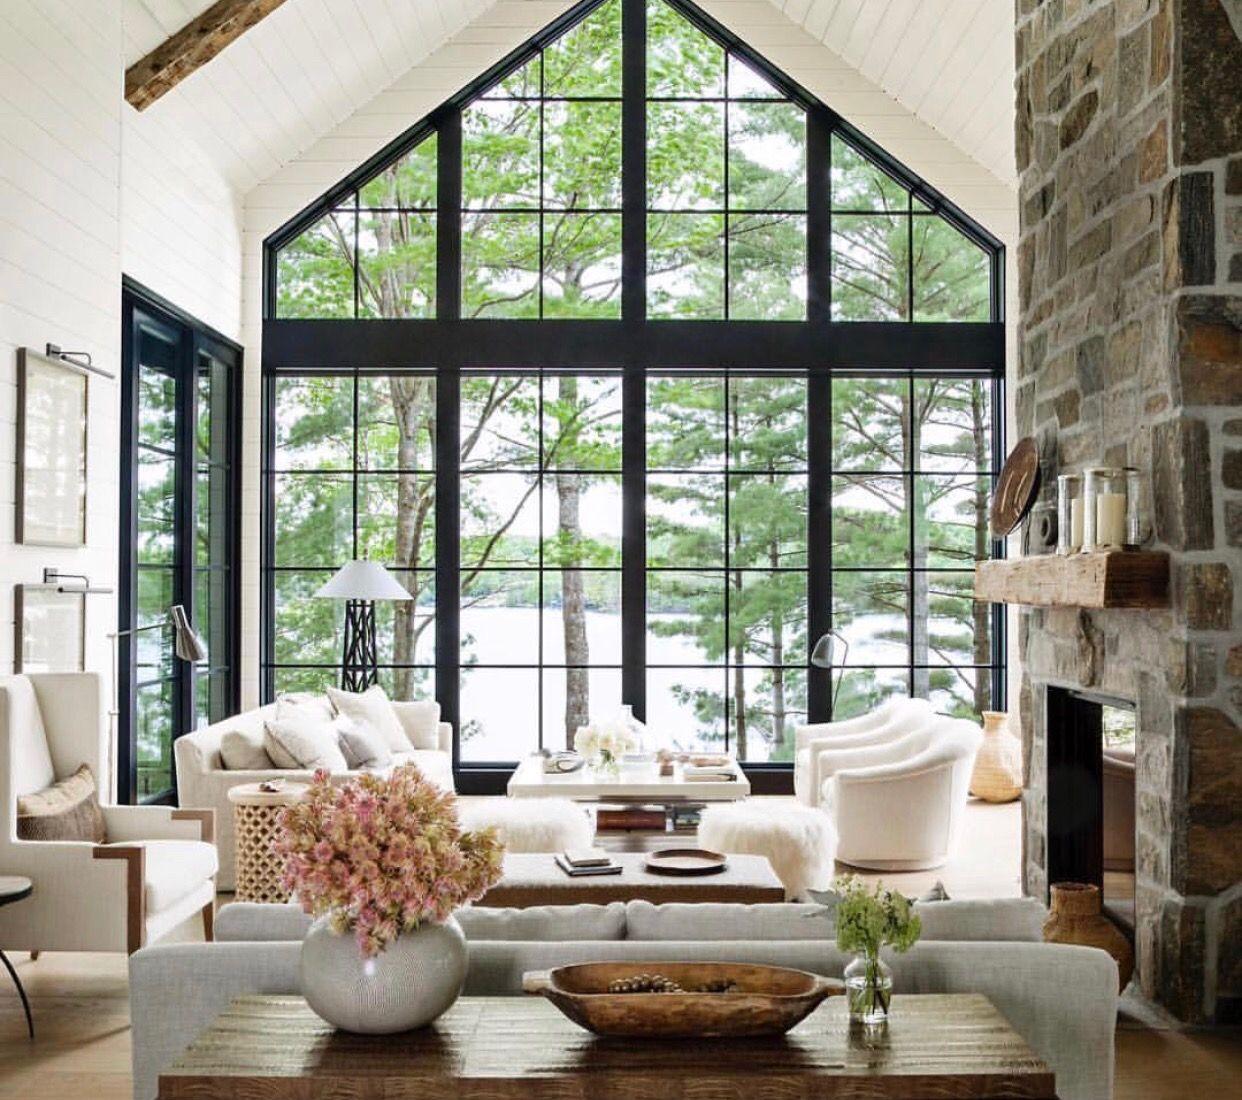 Perfekt Stahlfenster, Fenster Und Türen, Riesige Fenster, Haus Stile, Wohnräume,  Wohnzimmer Stile, Kleiner Lebensraum, Moderne Wohnzimmer, Landschaftsbau